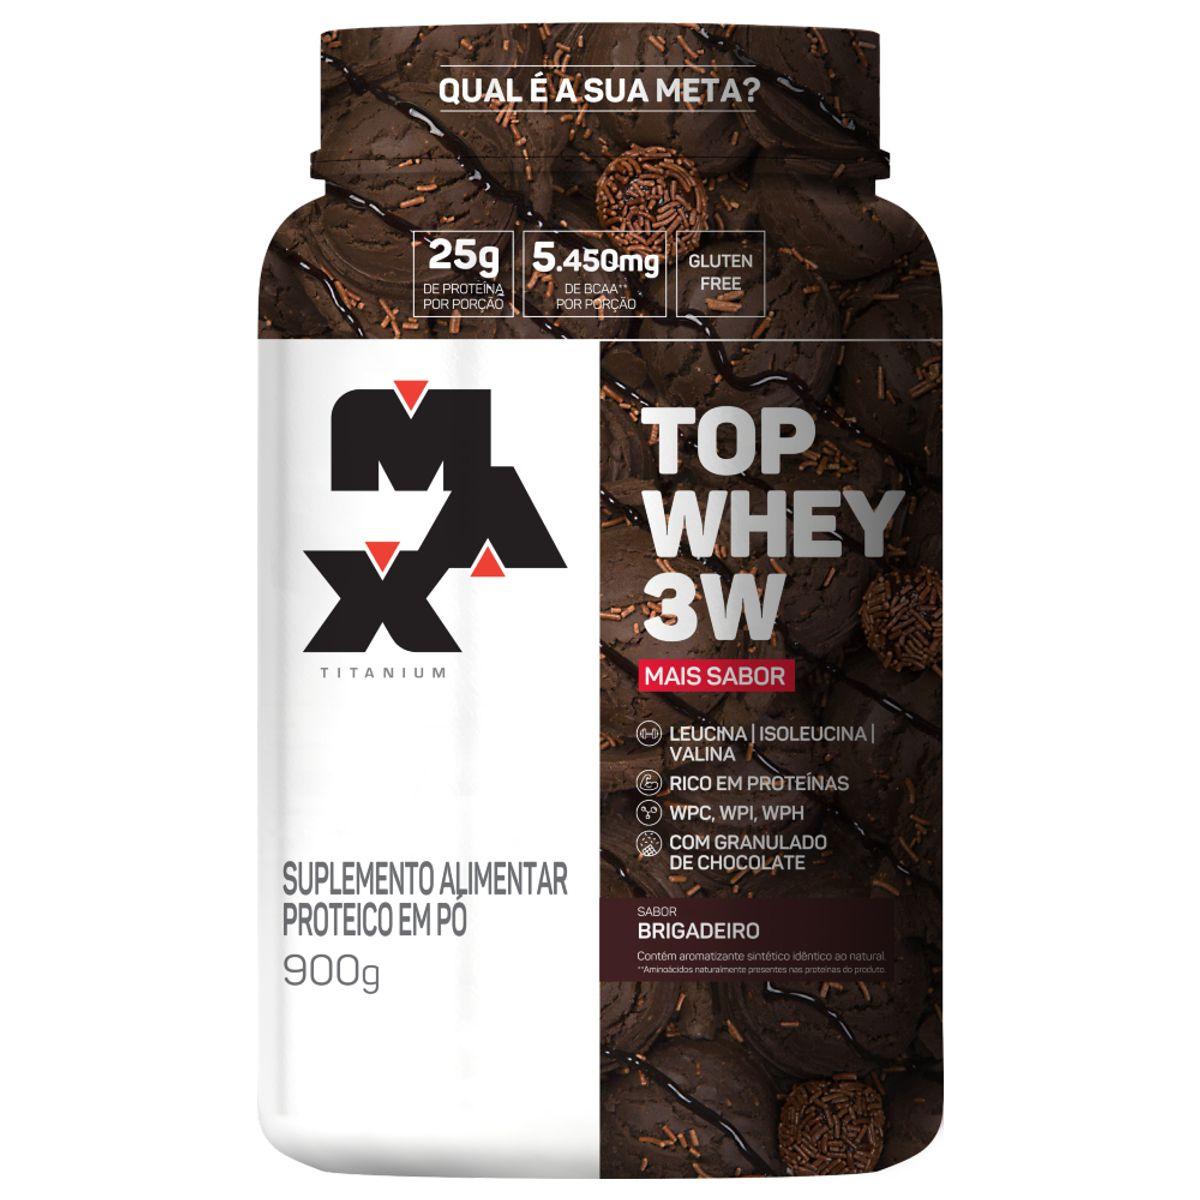 Top Whey 3W Mais Sabor 900g Brigadeiro Max Titanium